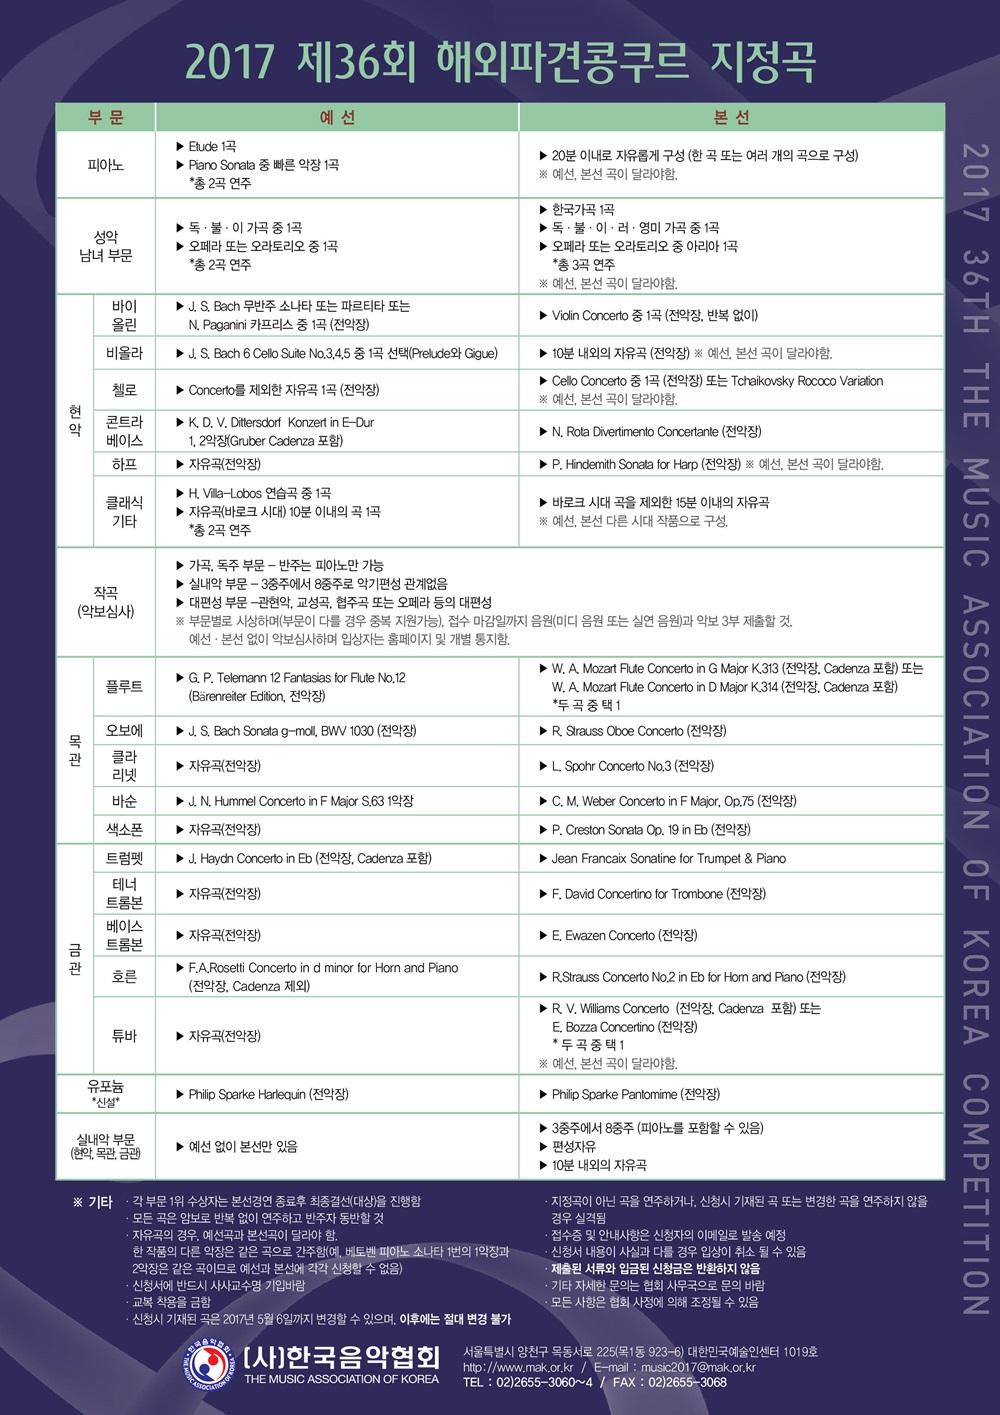 해외파견콩쿠르_전단(최종).jpg